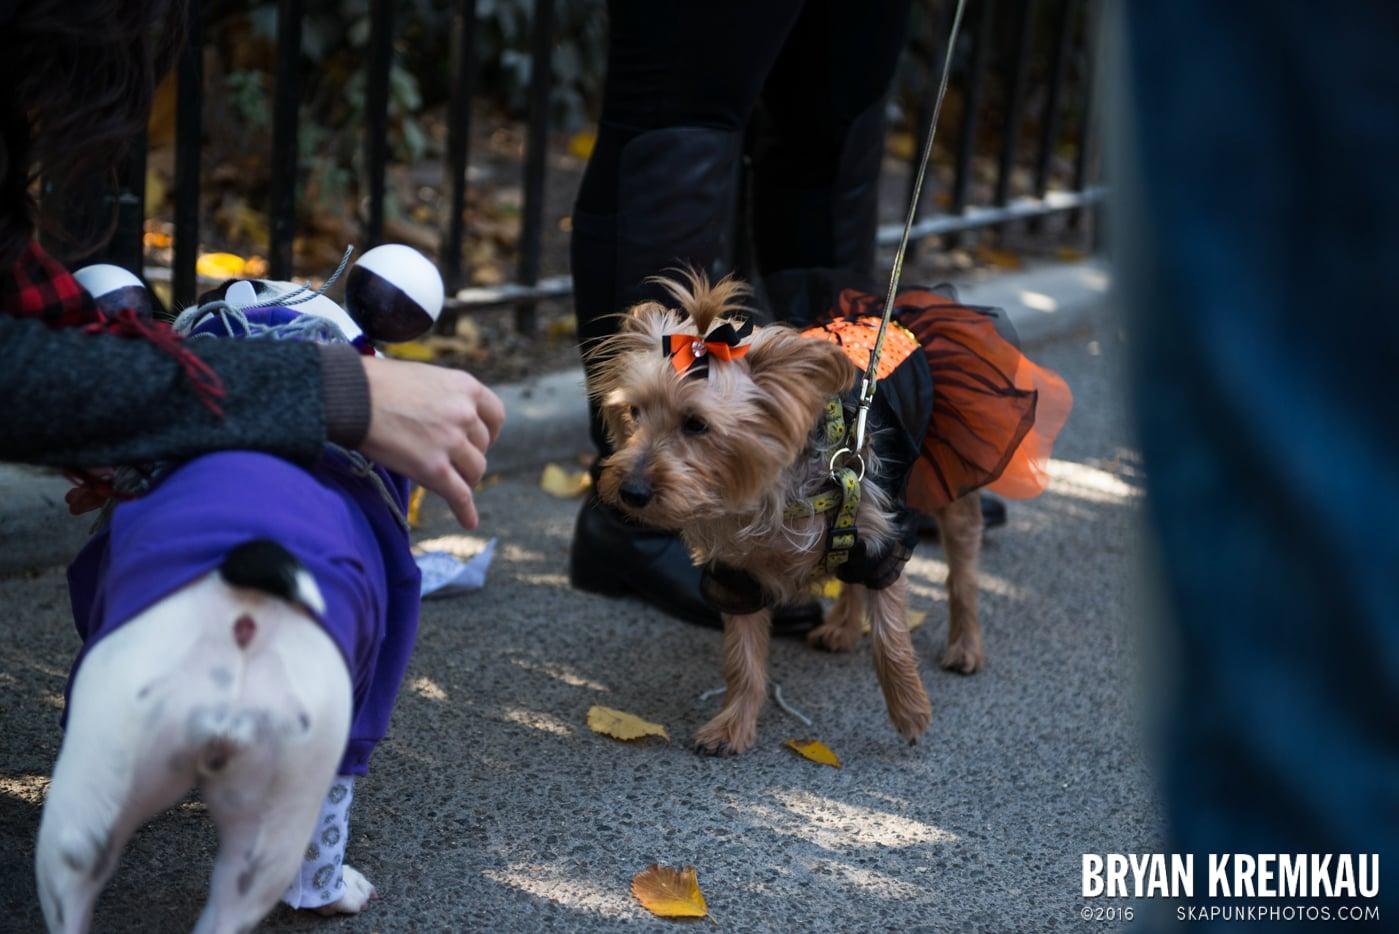 Tompkins Square Halloween Dog Parade 2013 @ Tompkins Square Park, NYC - 10.26.13 (63)